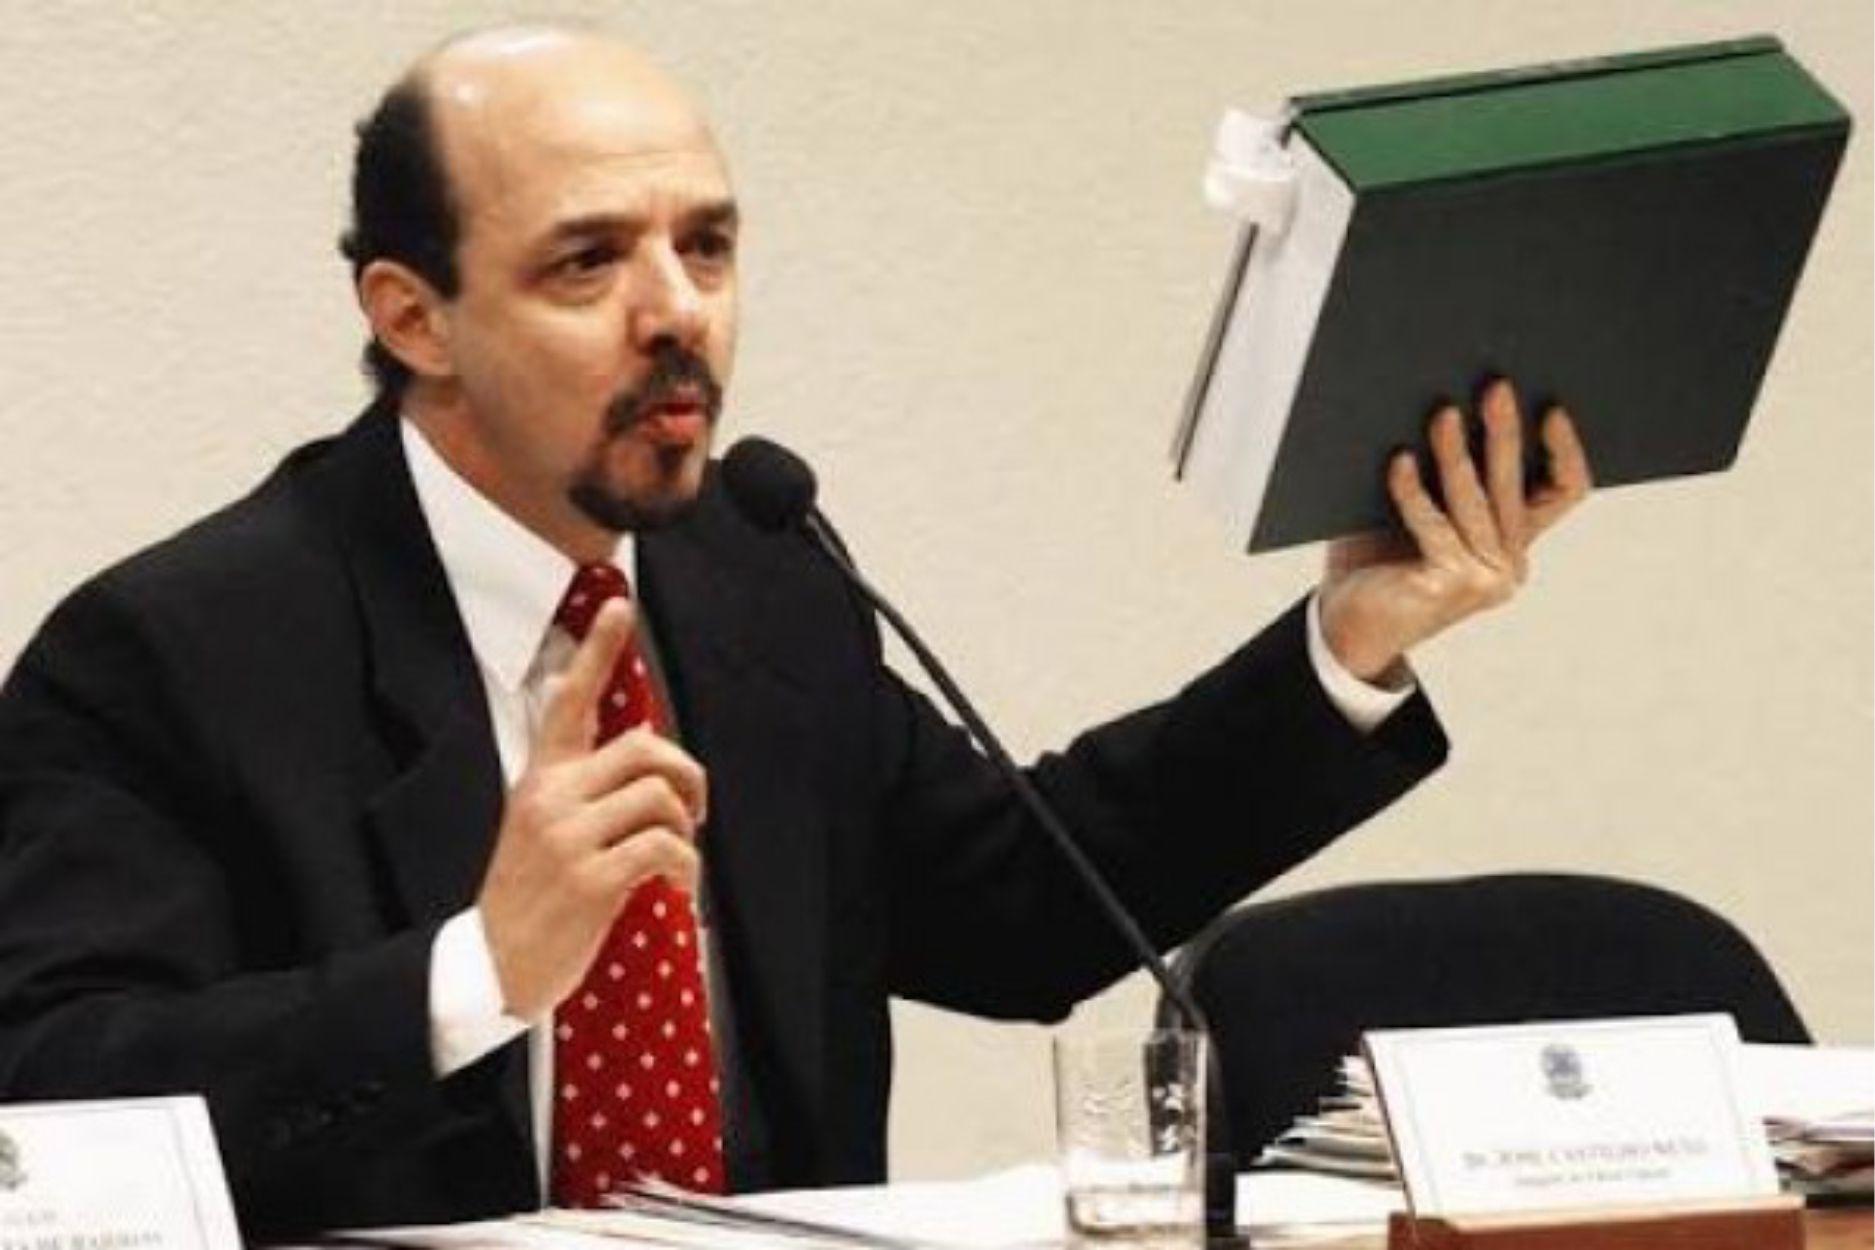 Delegado Federal JOSÉ FRANCISCO CASTILHO NETO